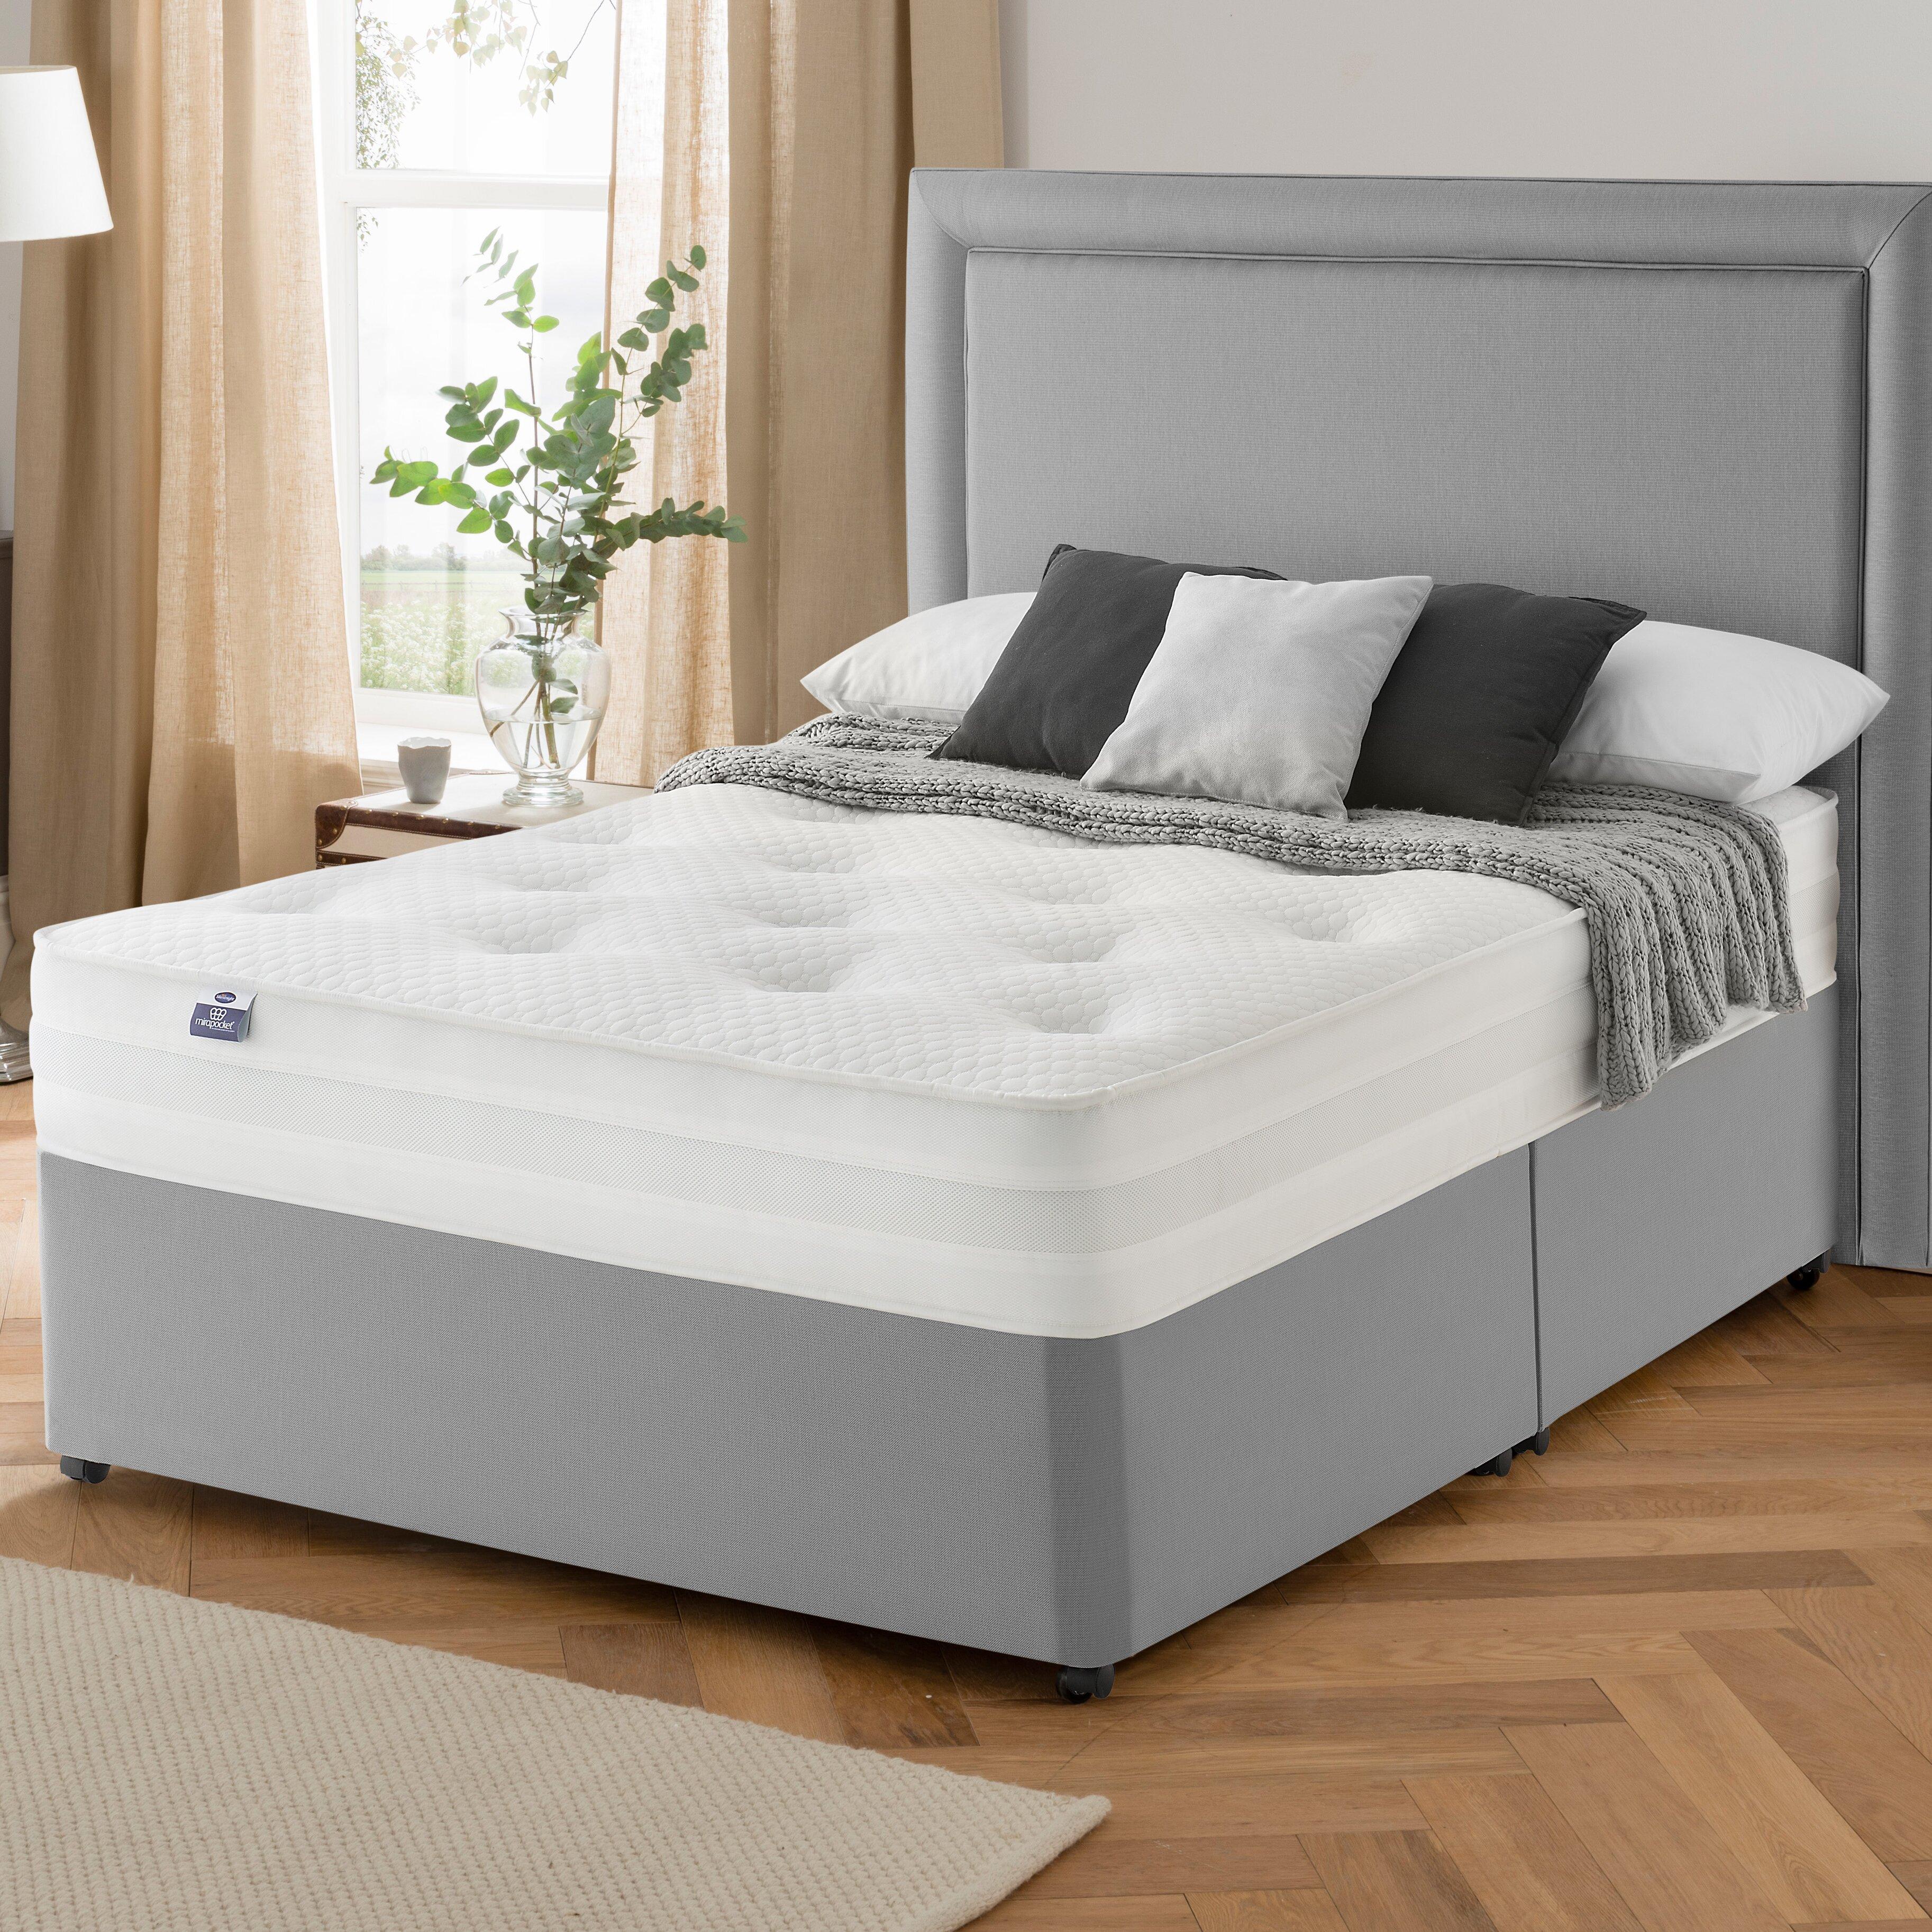 silentnight maria pocket memory divan bed. Black Bedroom Furniture Sets. Home Design Ideas